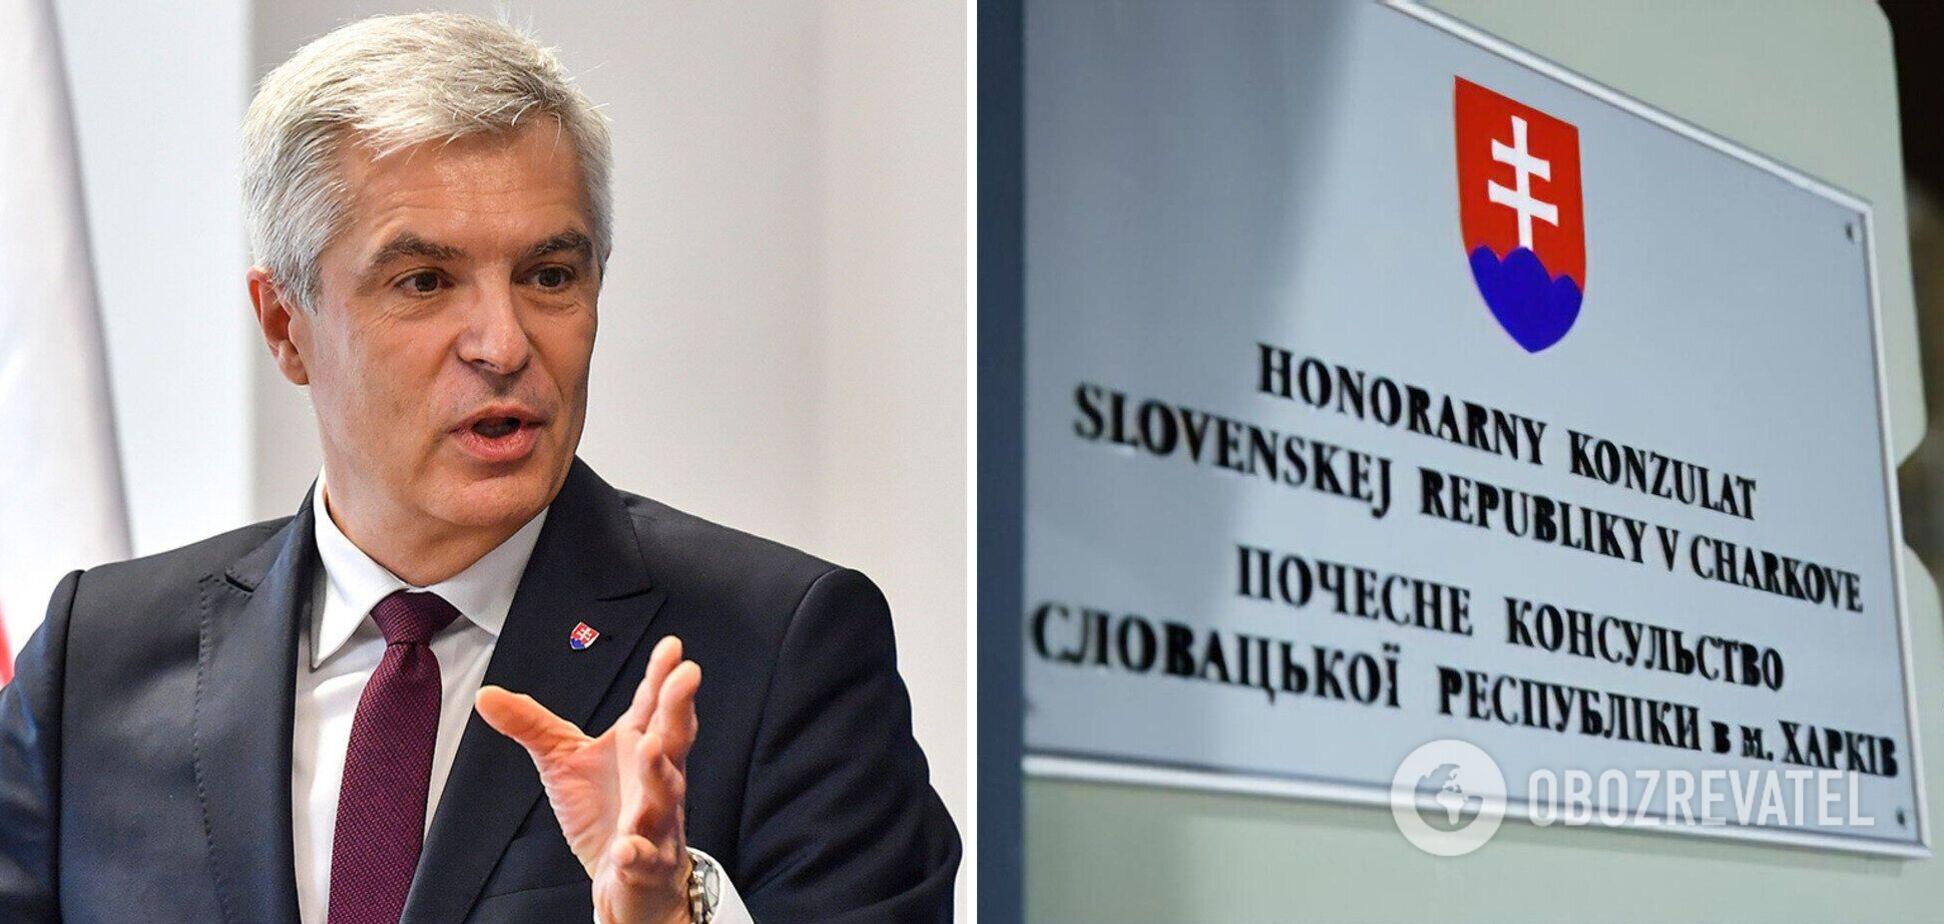 На консульстві Словаччини в Харкові залишили напис про Крим: у МЗС відреагували